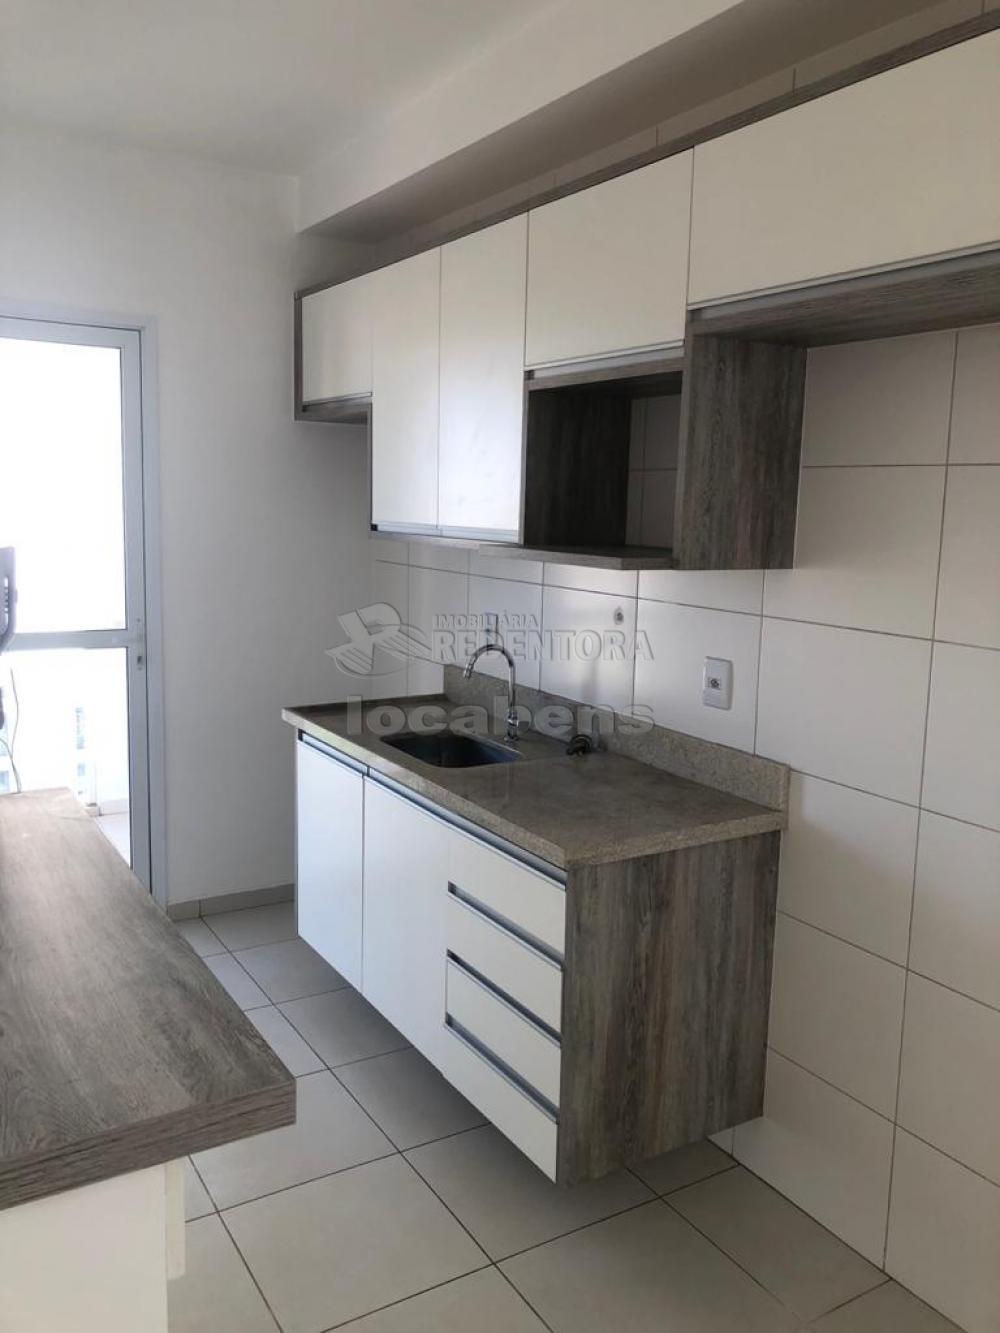 Alugar Apartamento / Padrão em São José do Rio Preto apenas R$ 2.000,00 - Foto 5